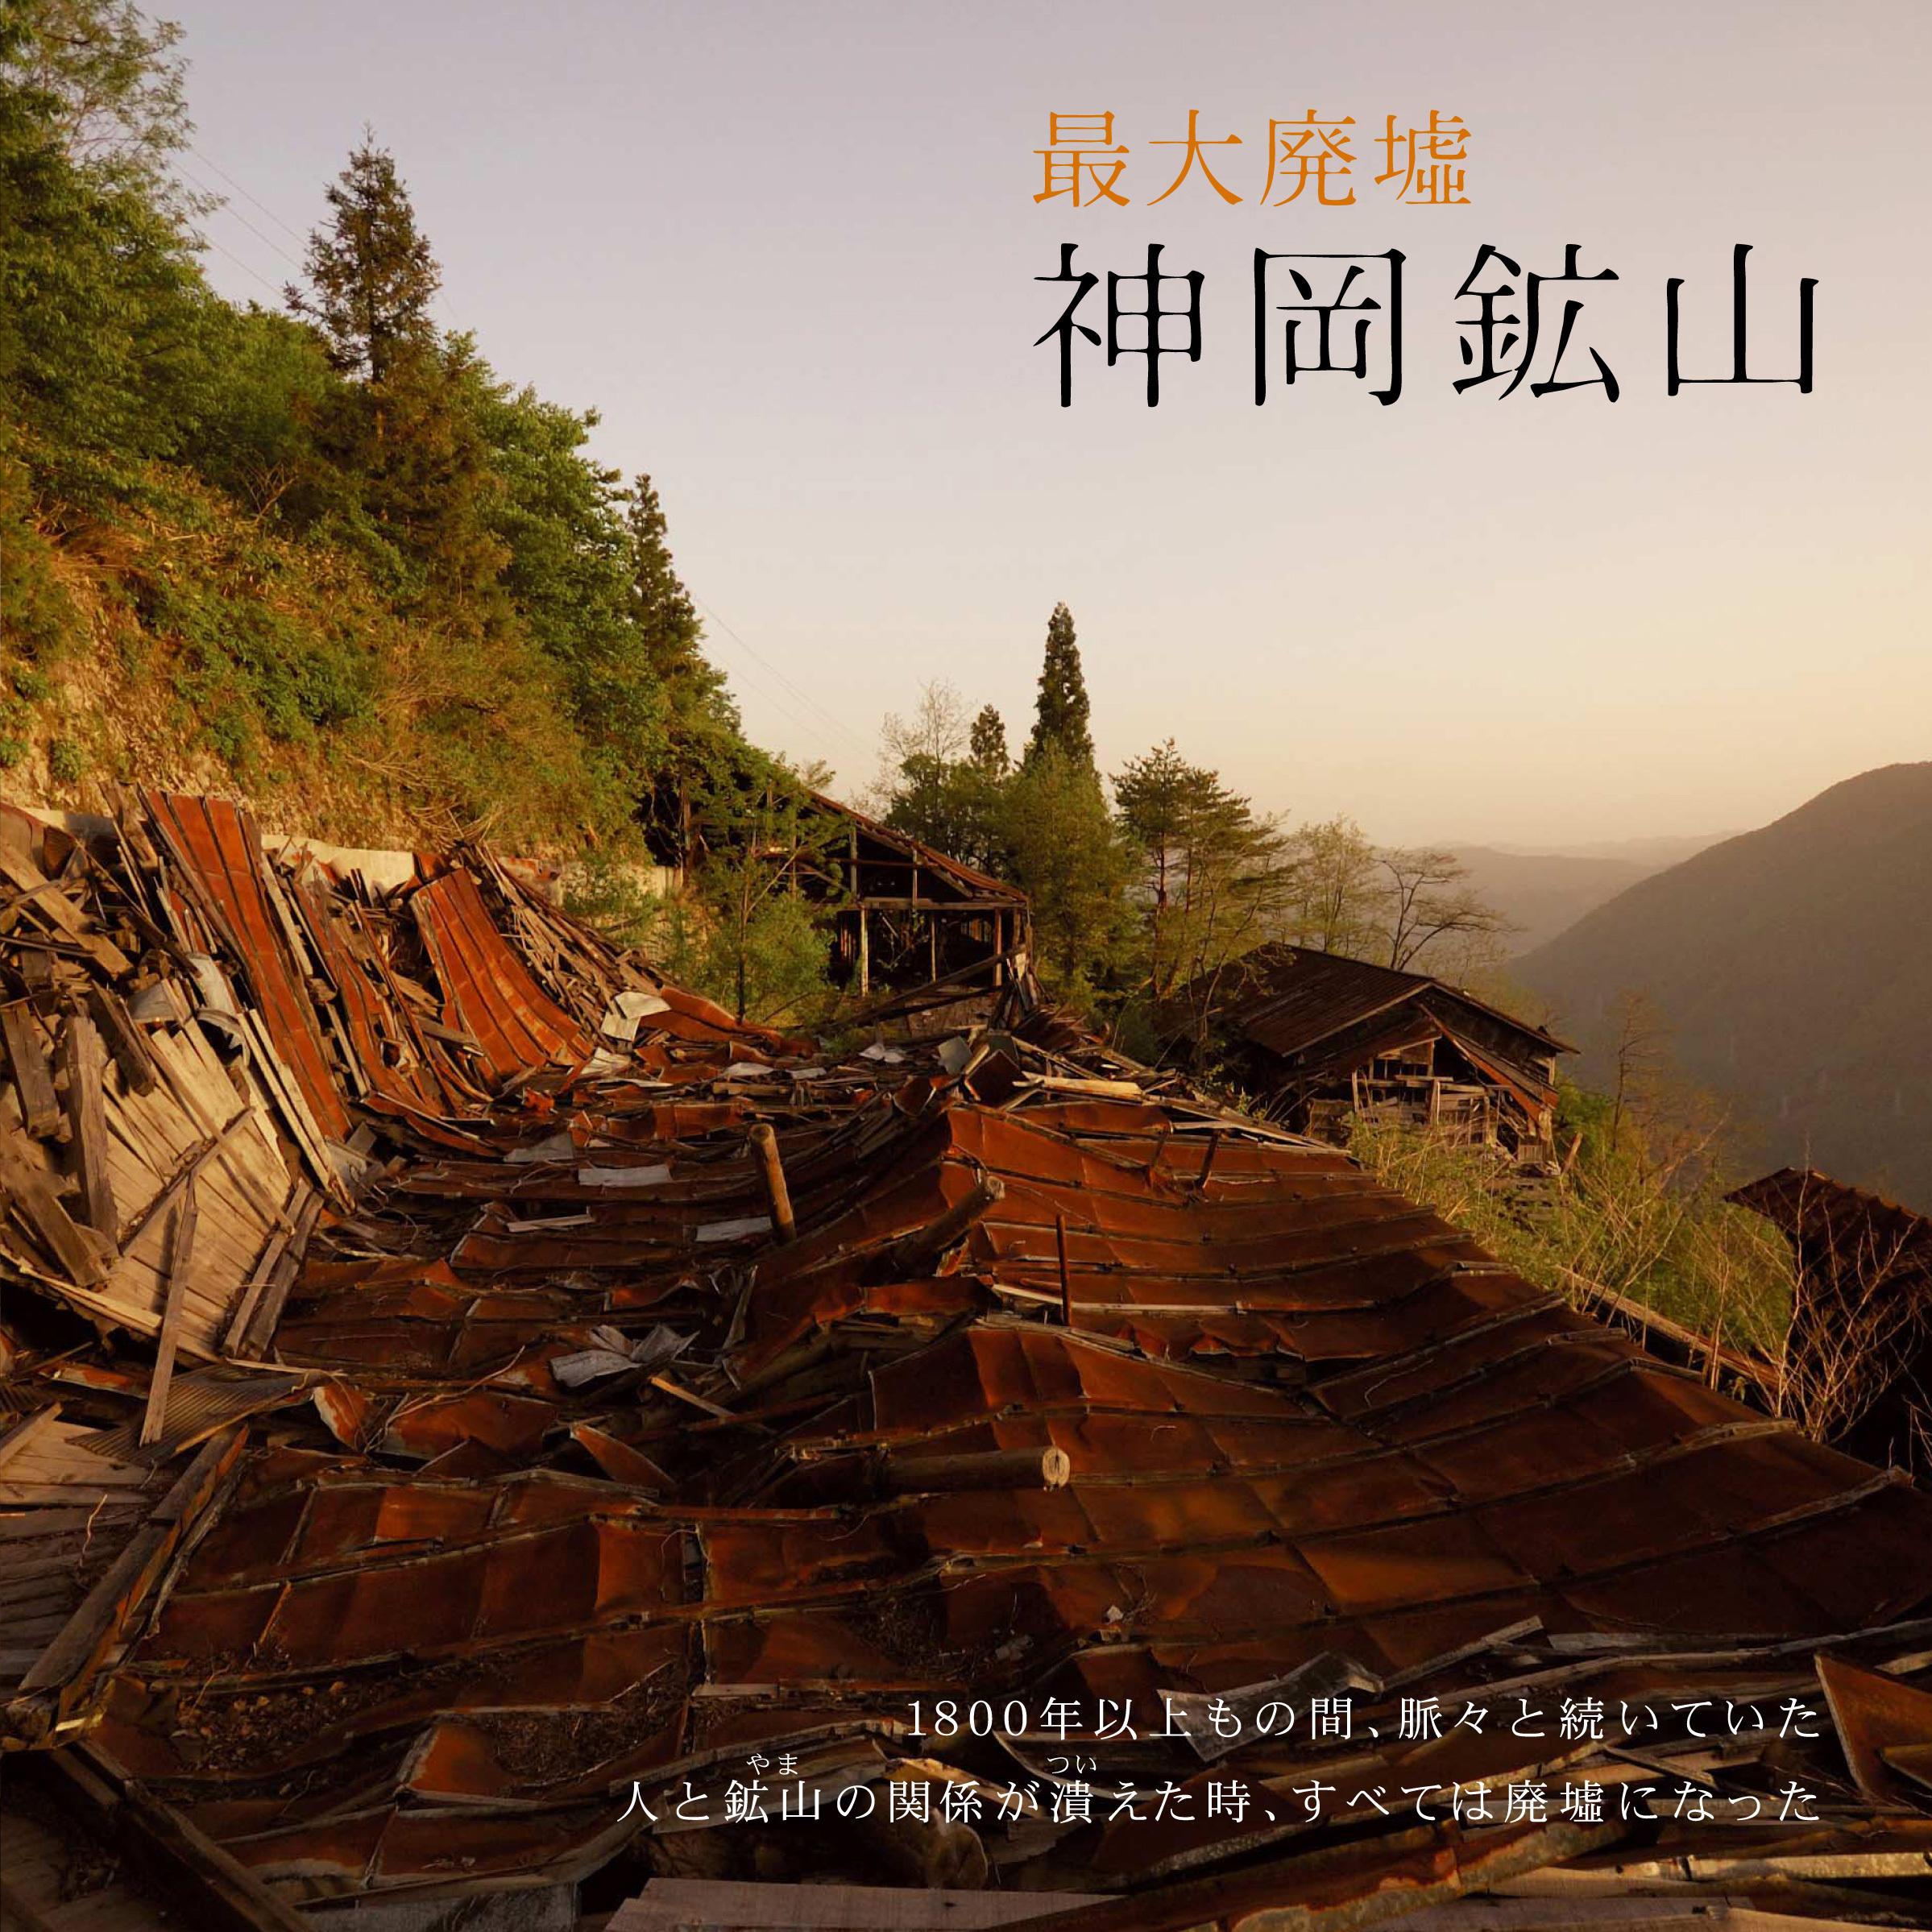 最大廃墟 神岡鉱山